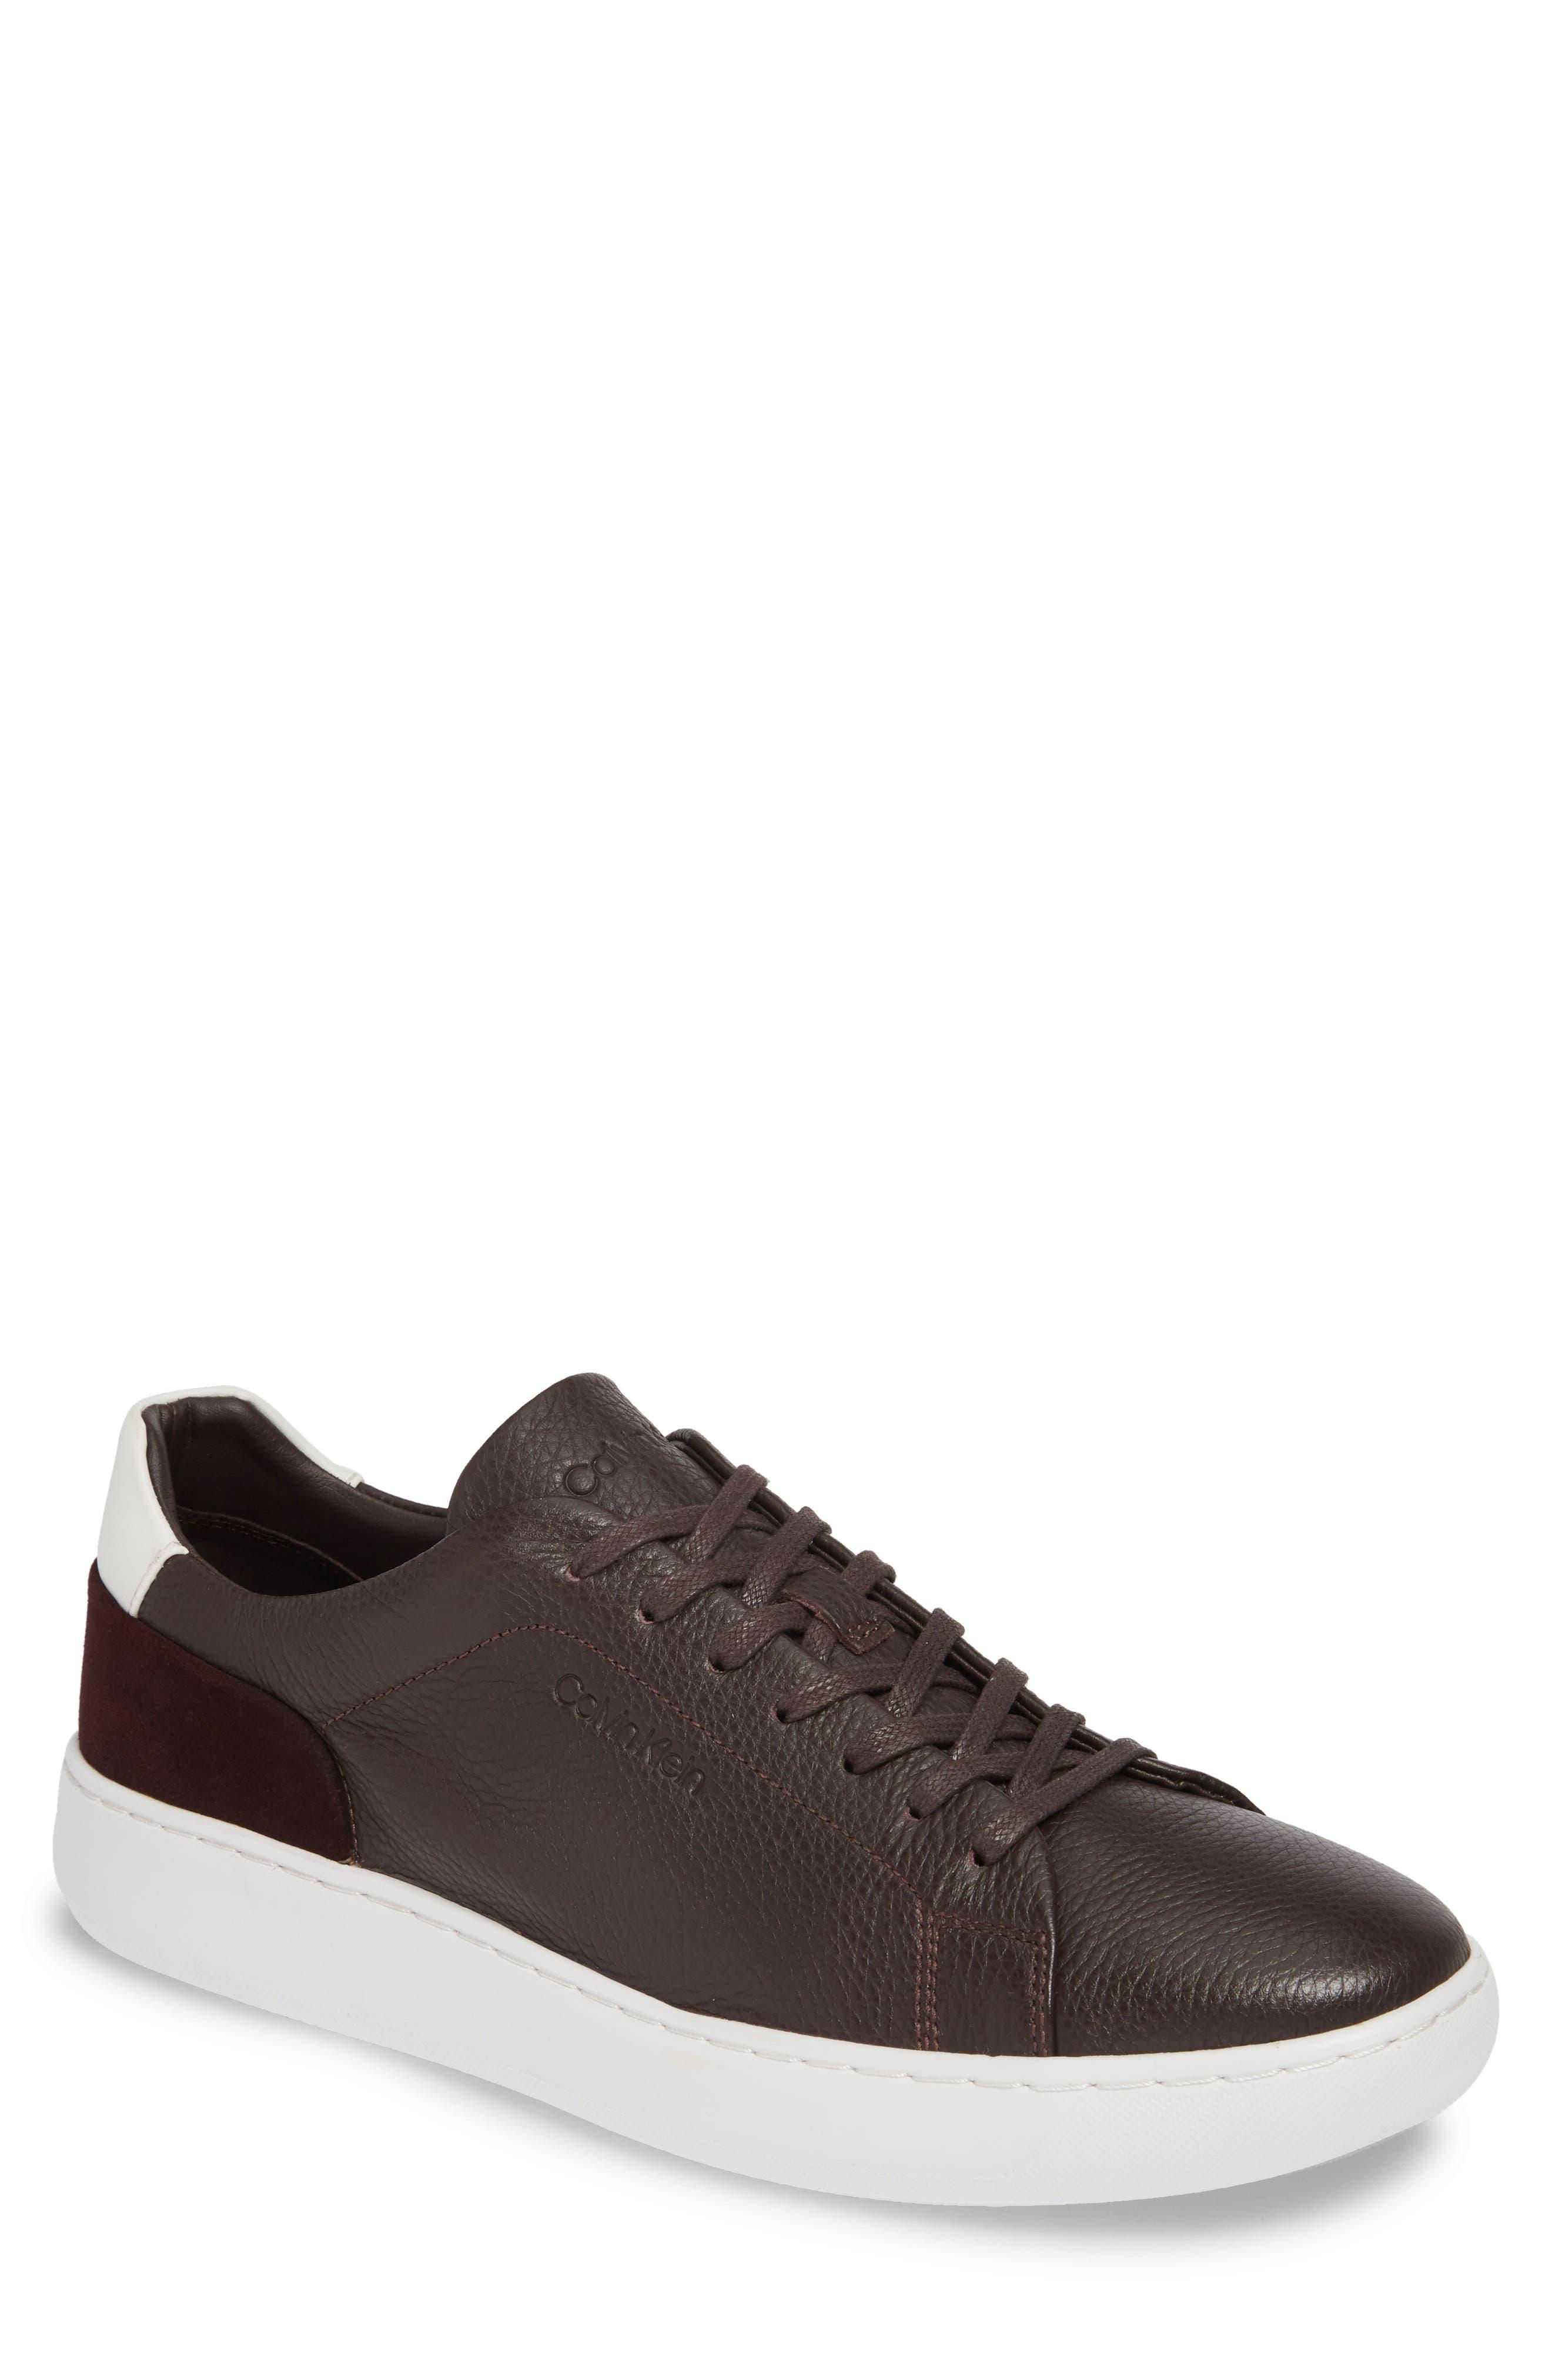 Calvin Klein Fuego Sneaker, Burgundy